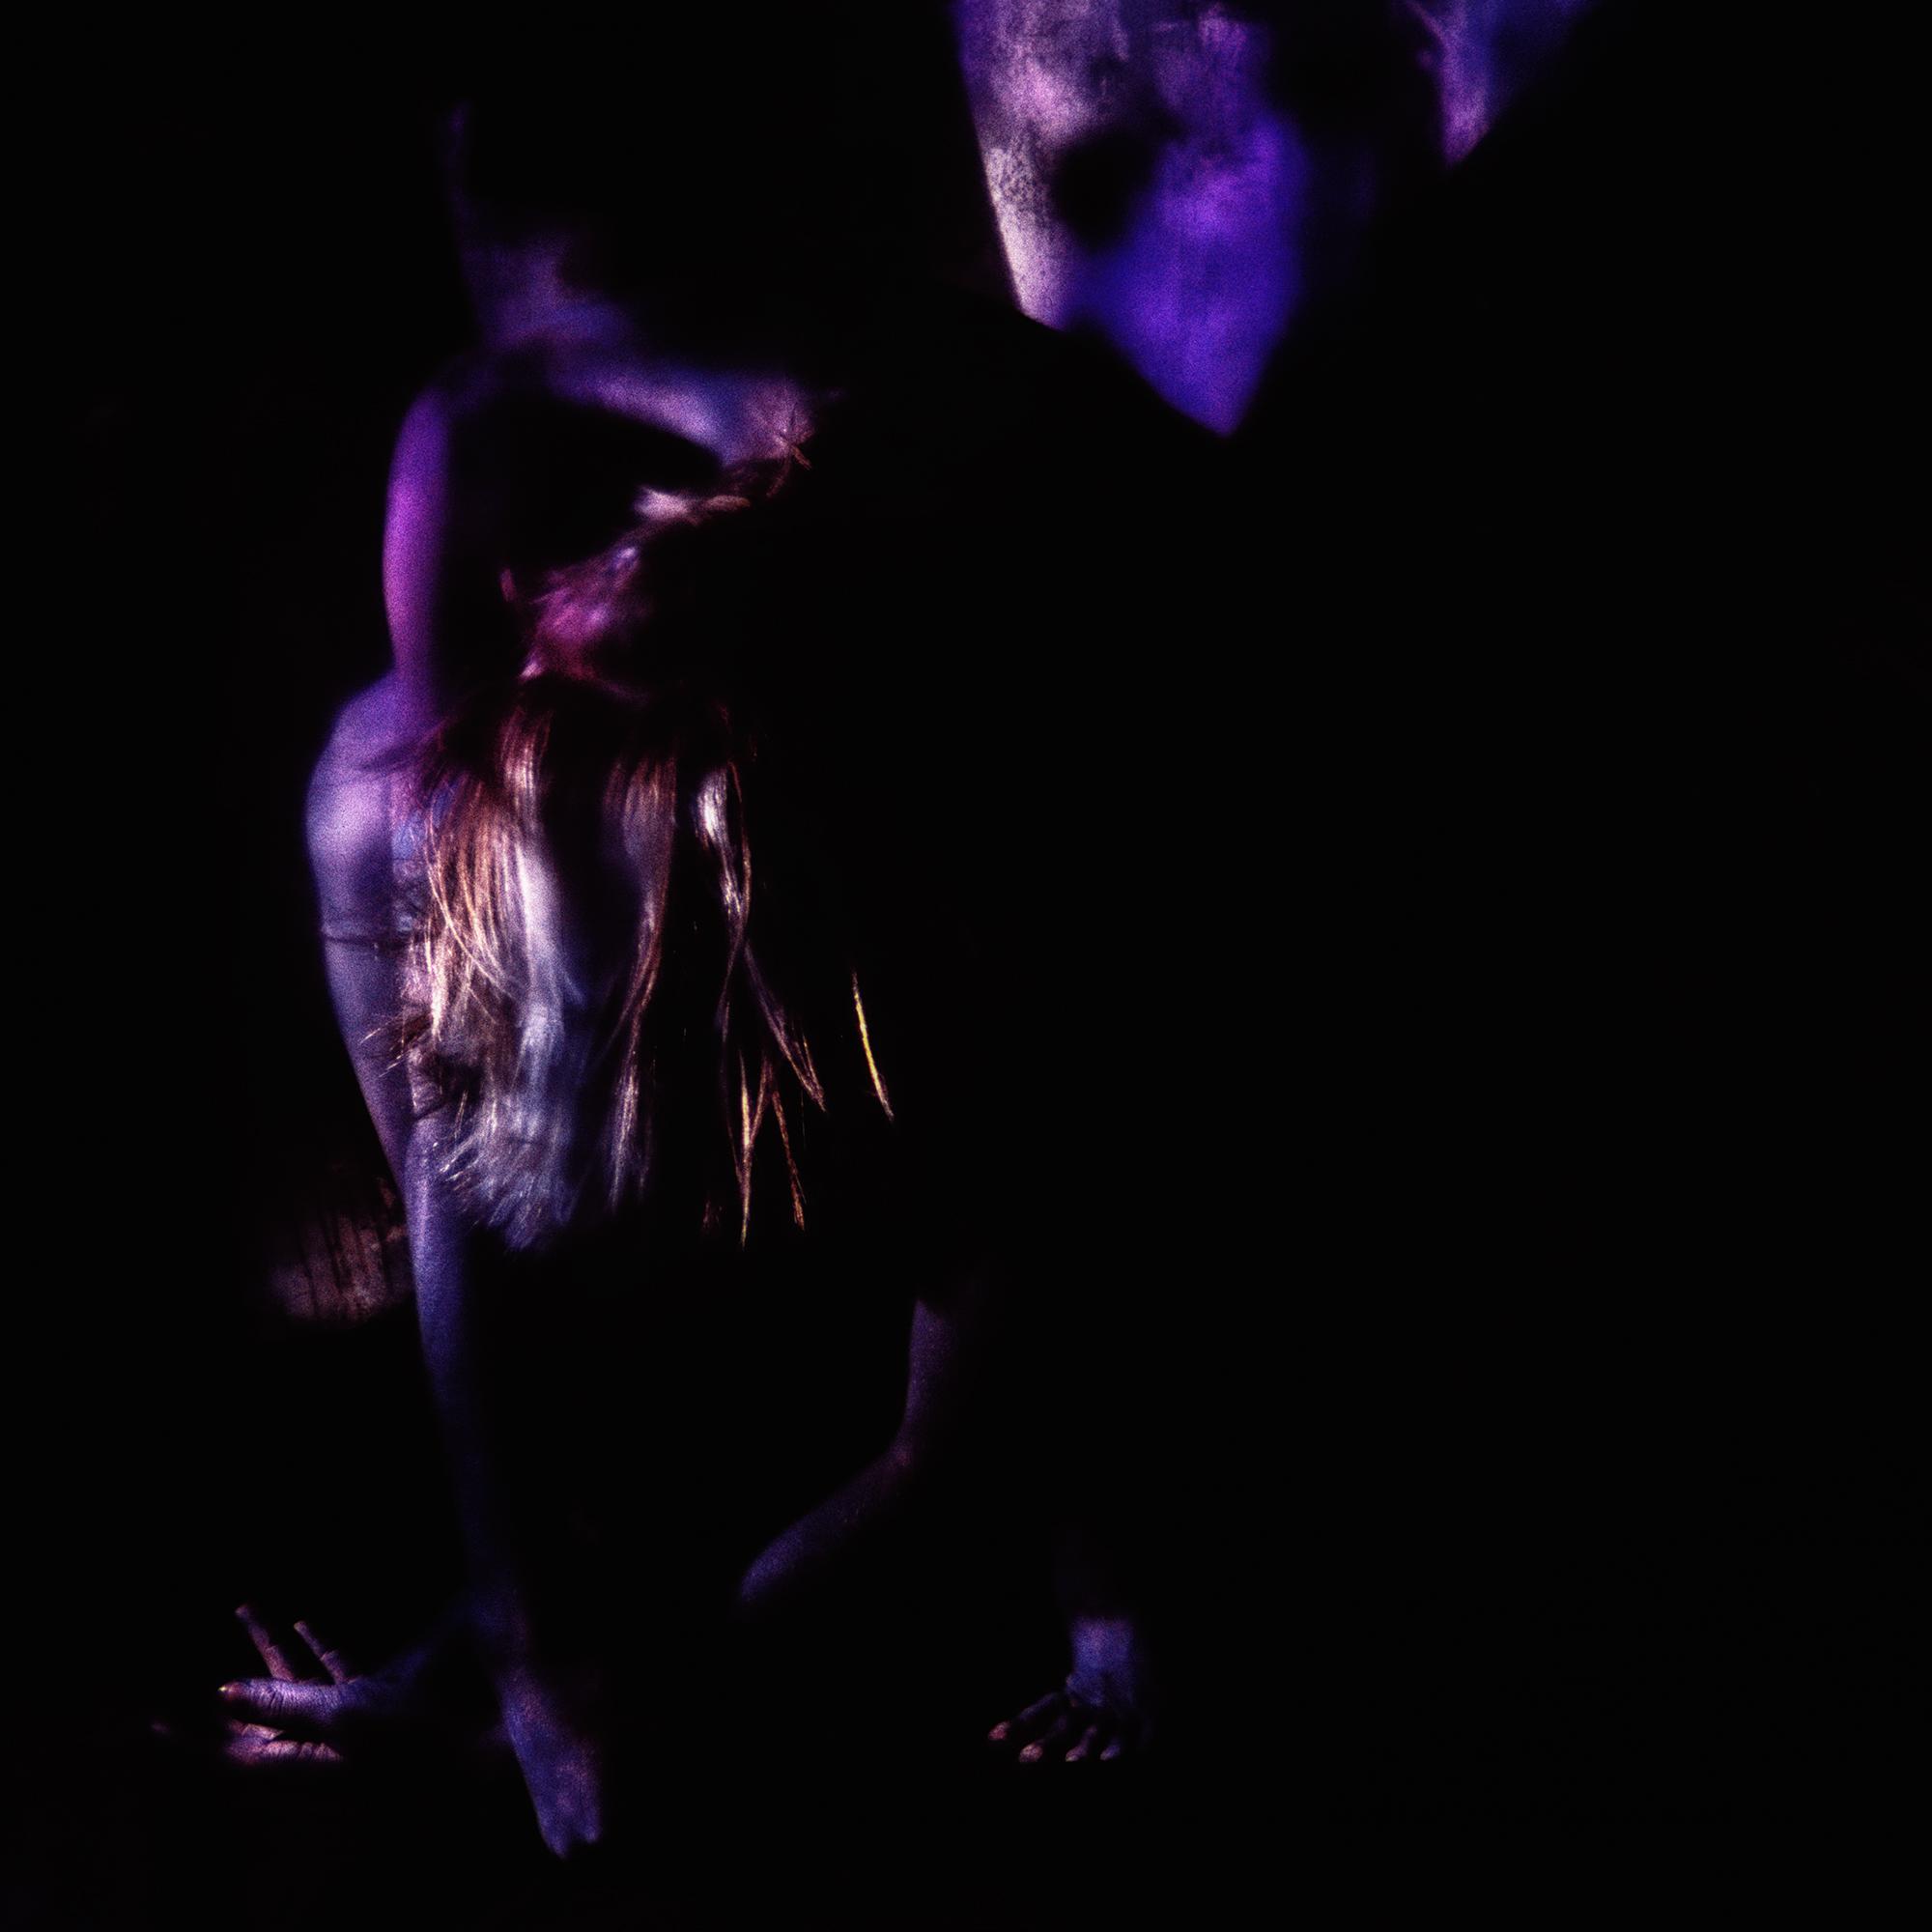 BLUE CHARCOALED DANCER #3